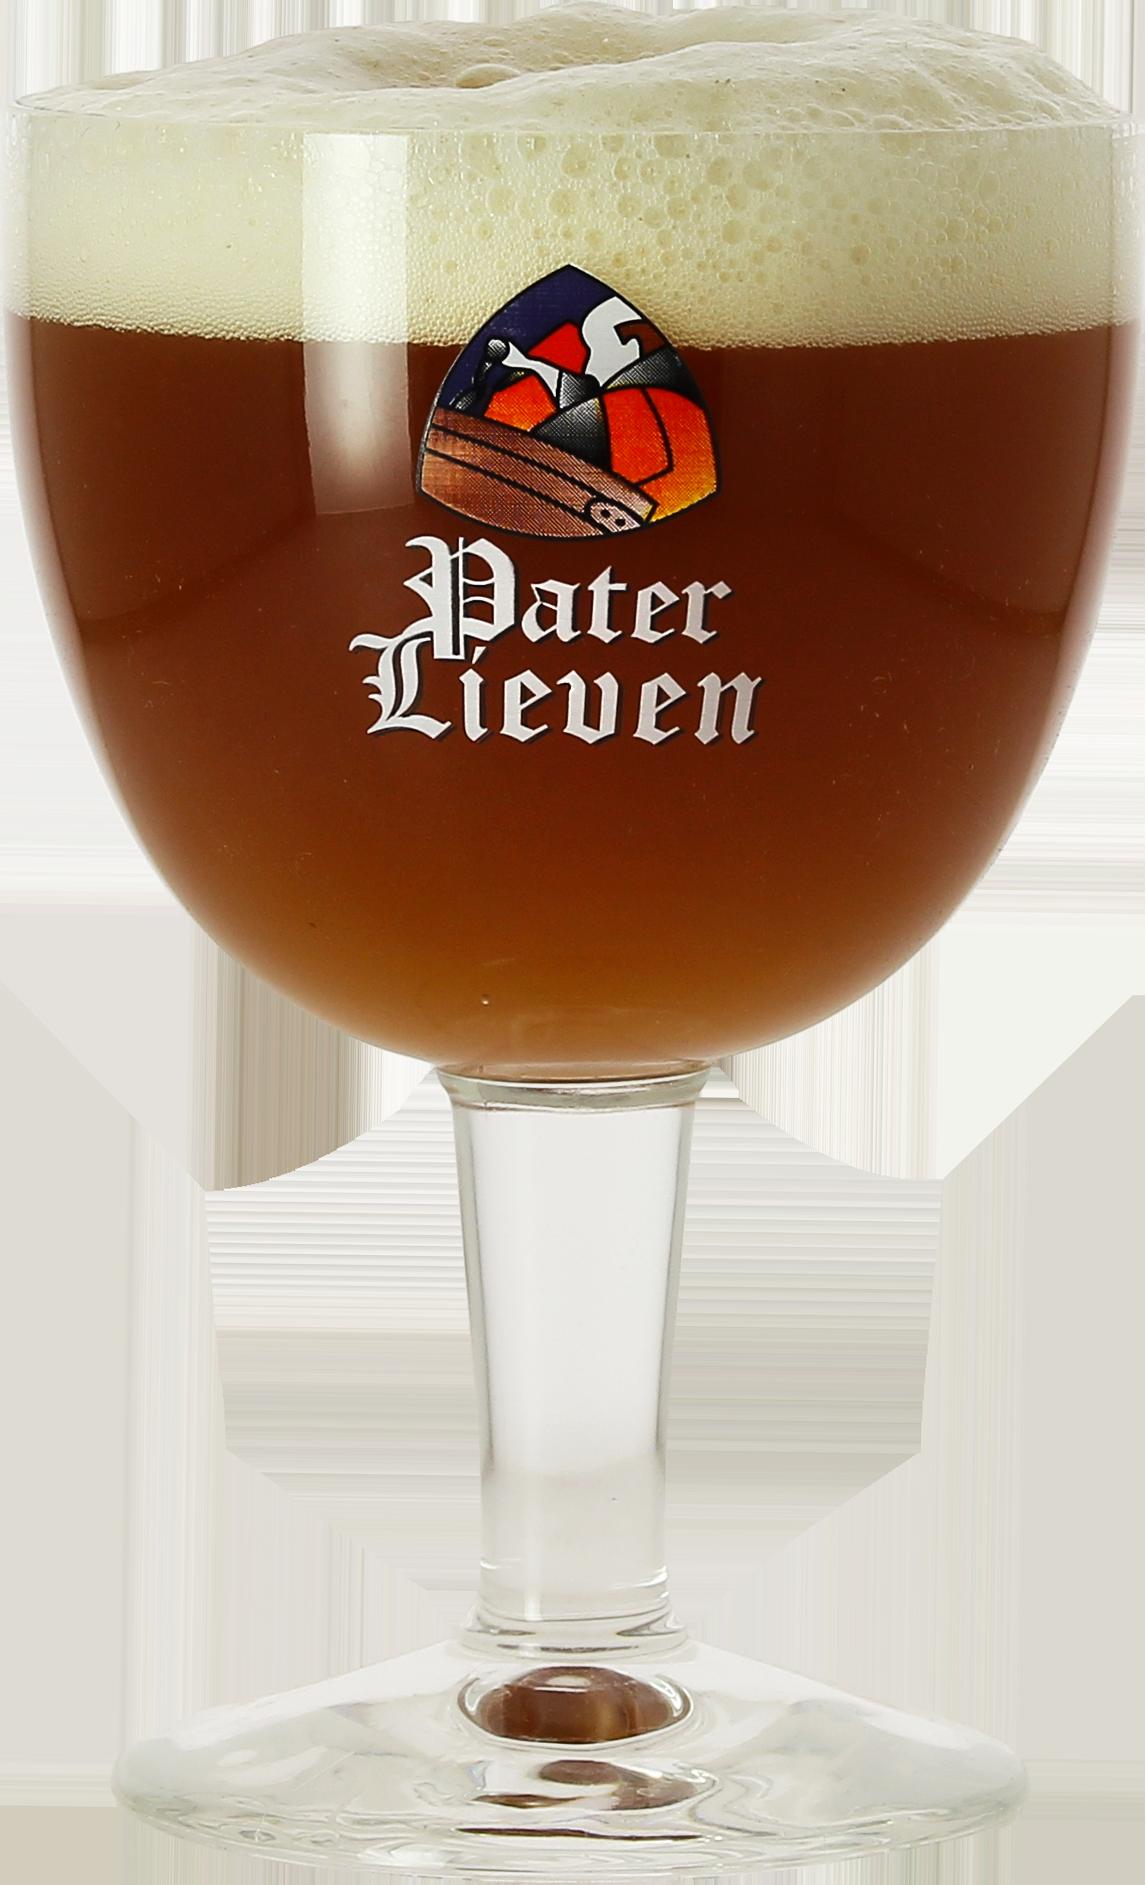 Copa de Cerveza Pater Lieven - 25 cl